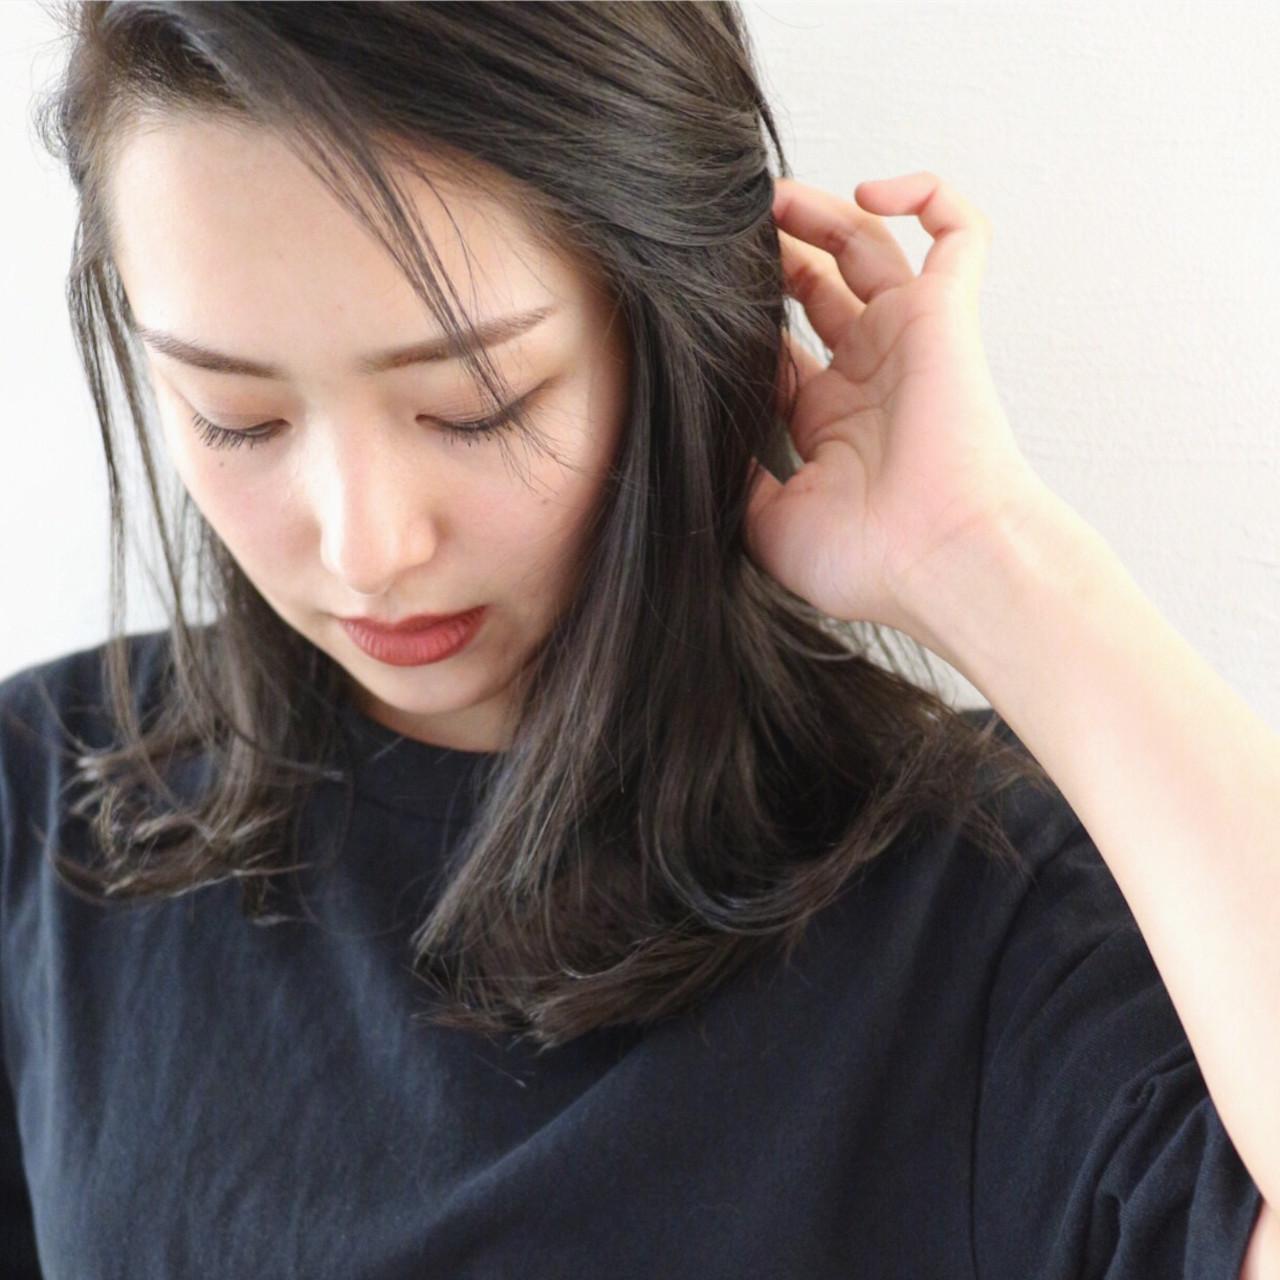 グレー グレーアッシュ セミロング ダークアッシュ ヘアスタイルや髪型の写真・画像